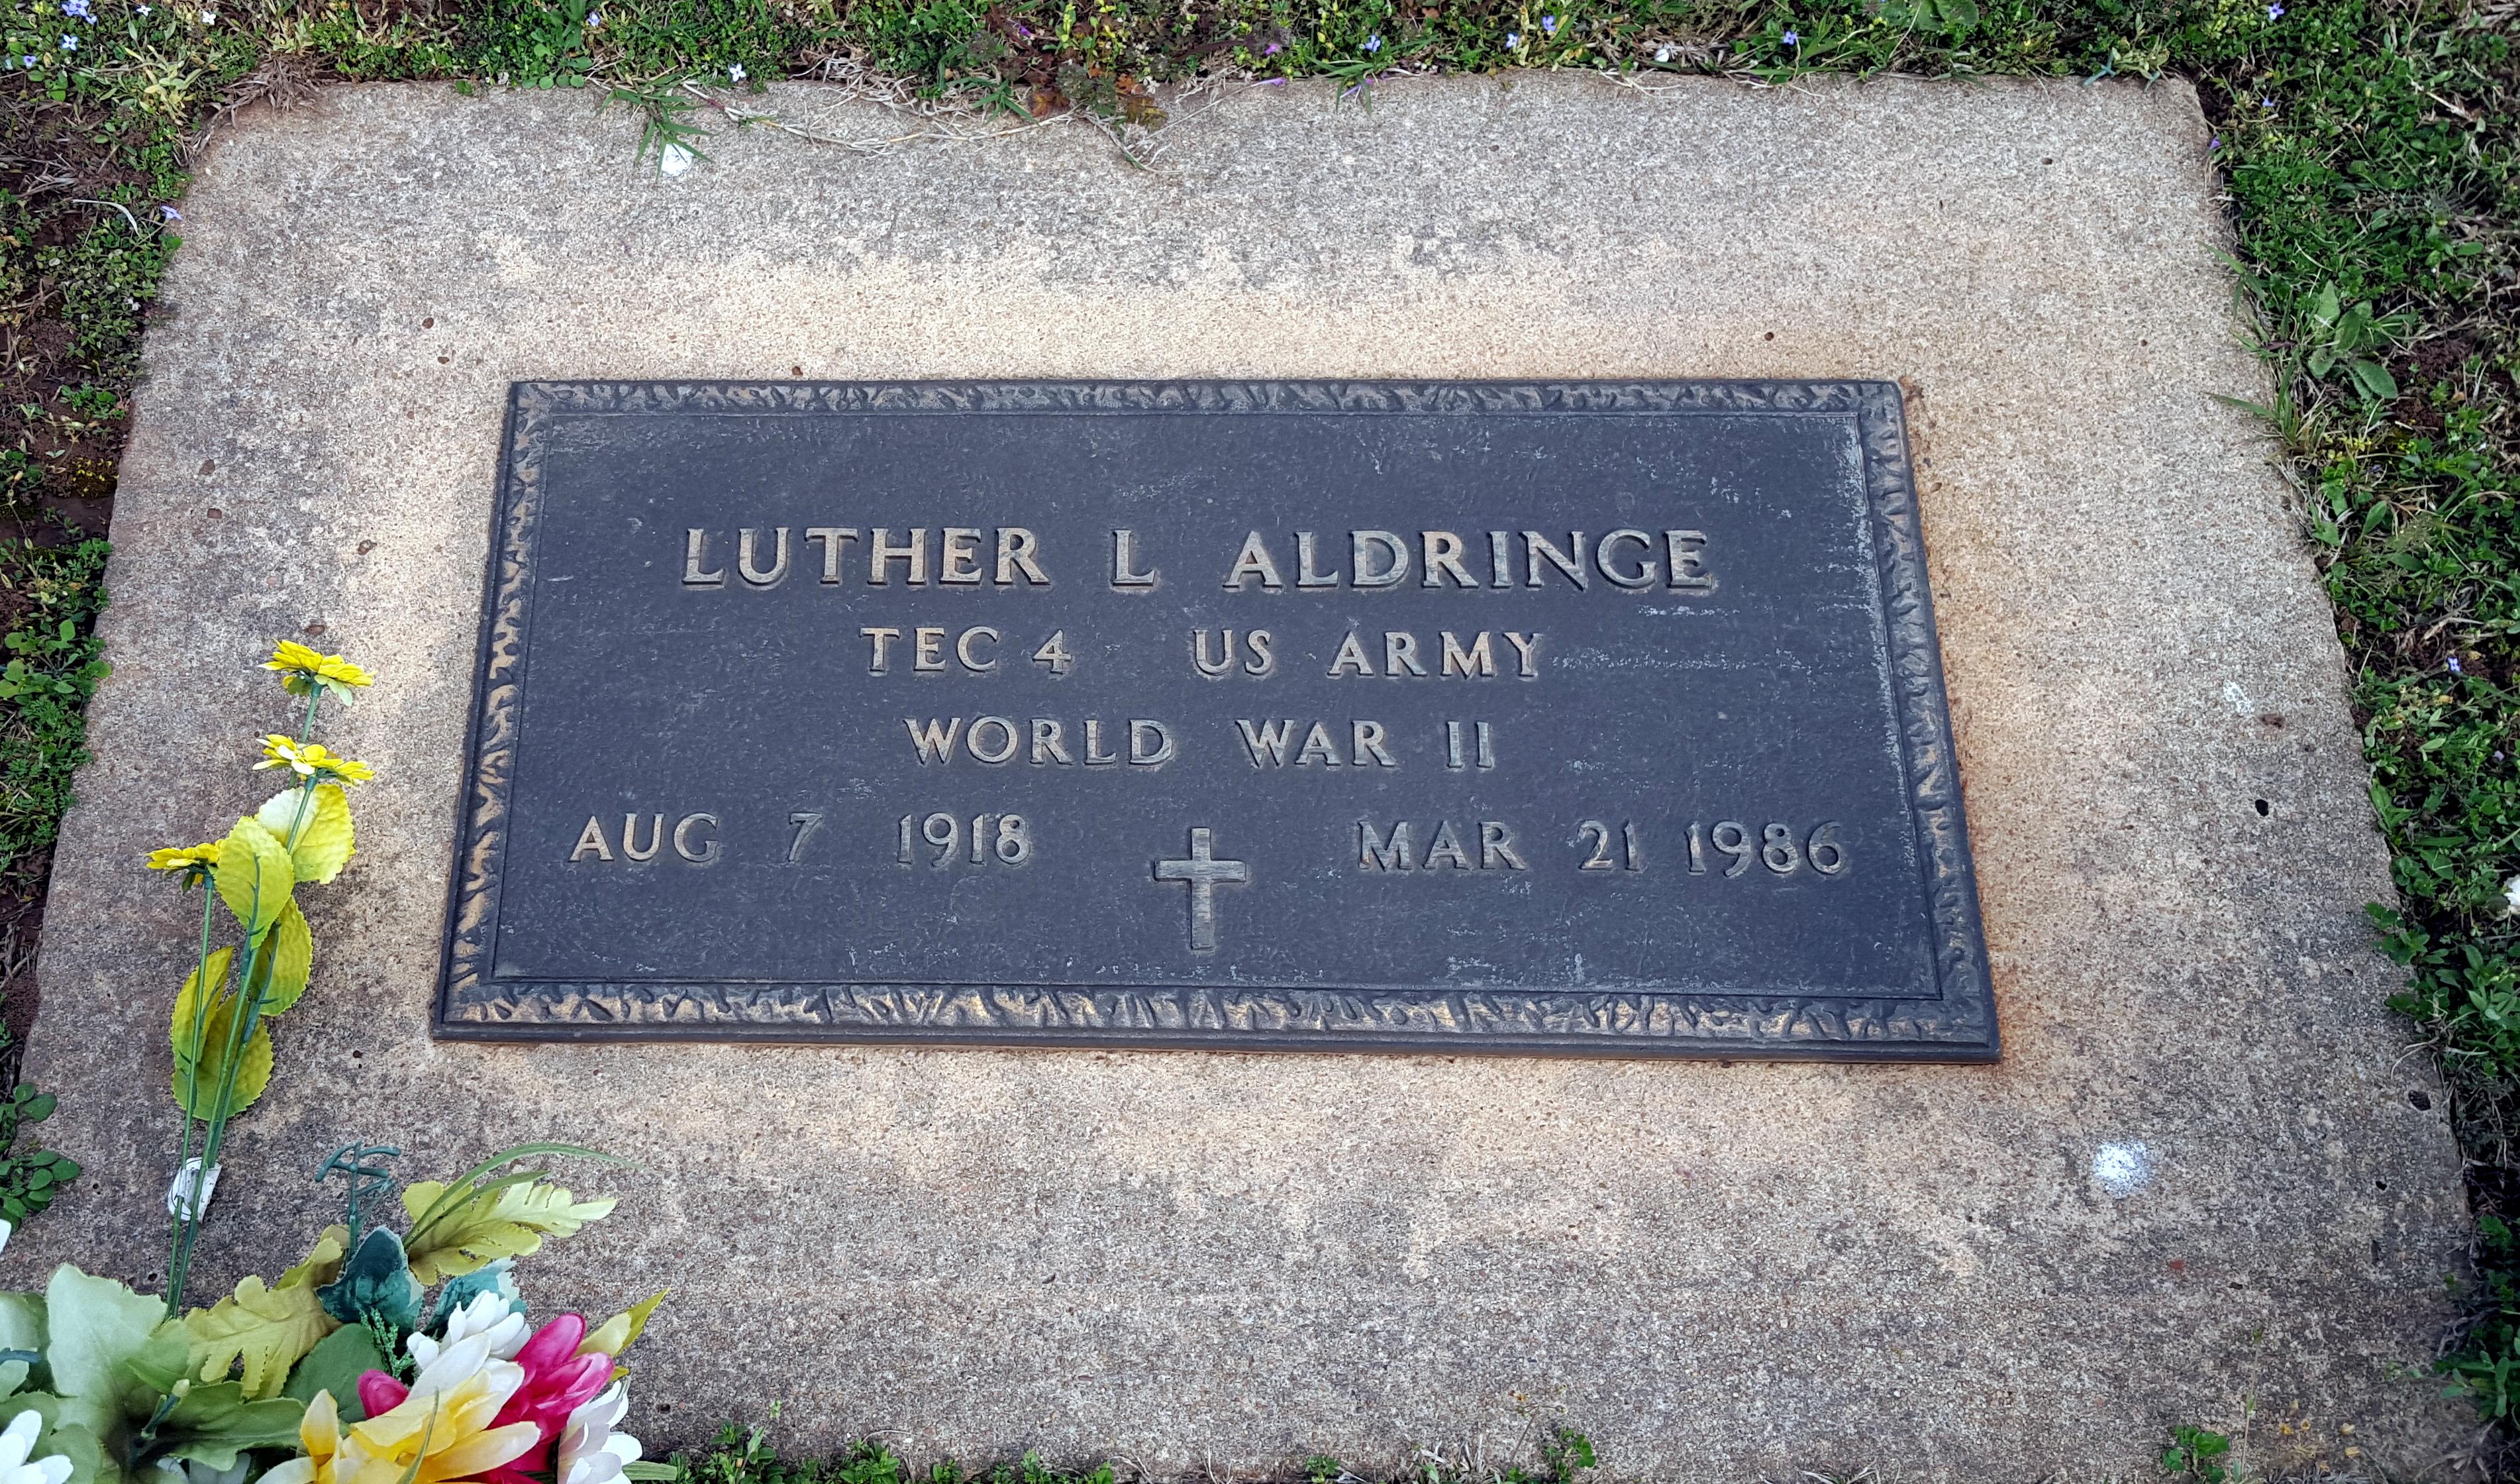 Luther L. Aldringe